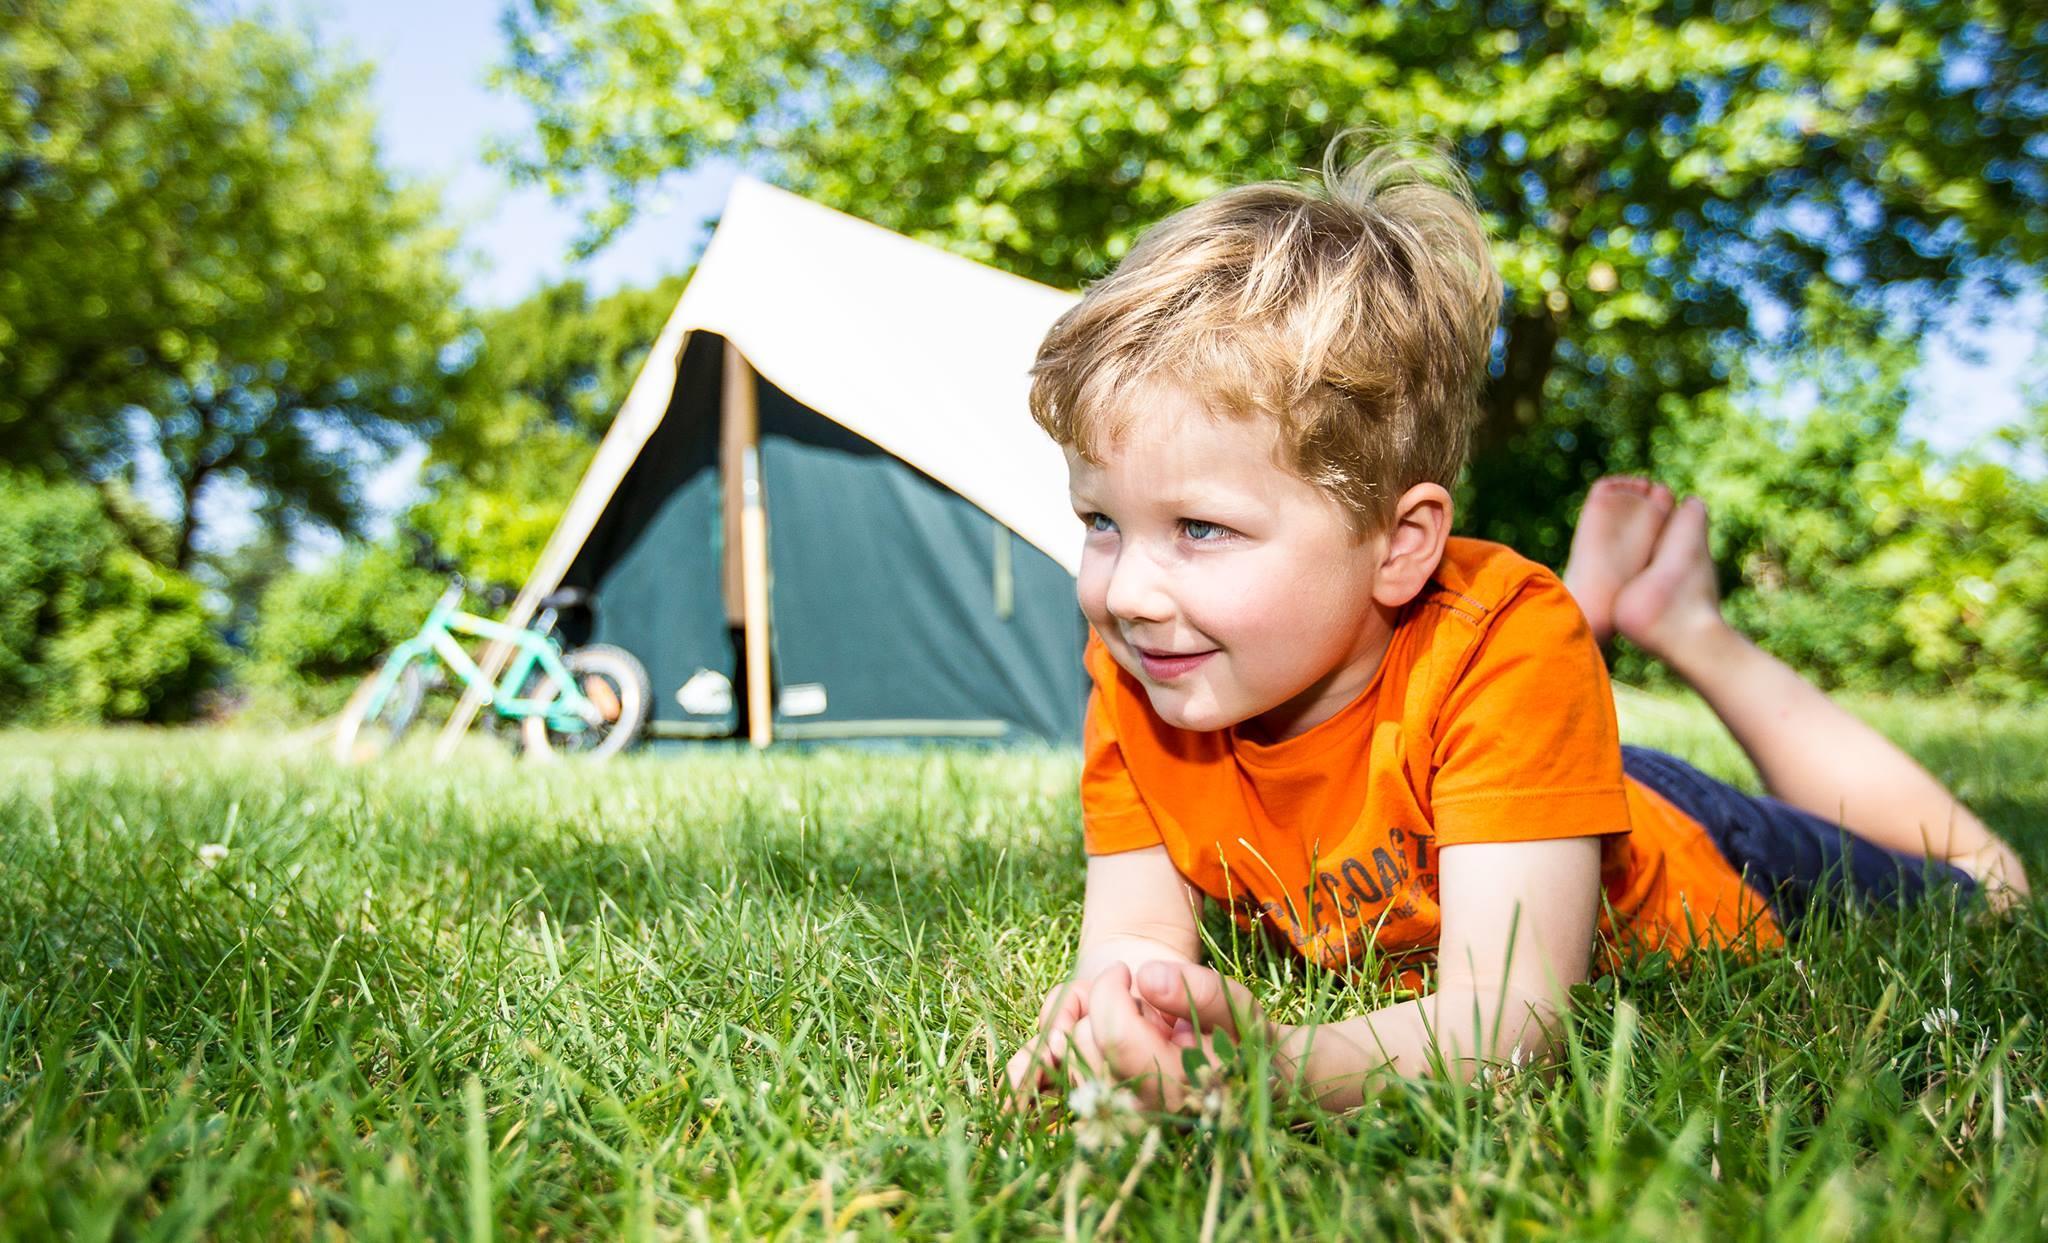 Camping Moulin du Bel Air, Saint-Germain-du-Bel-Air, Lot